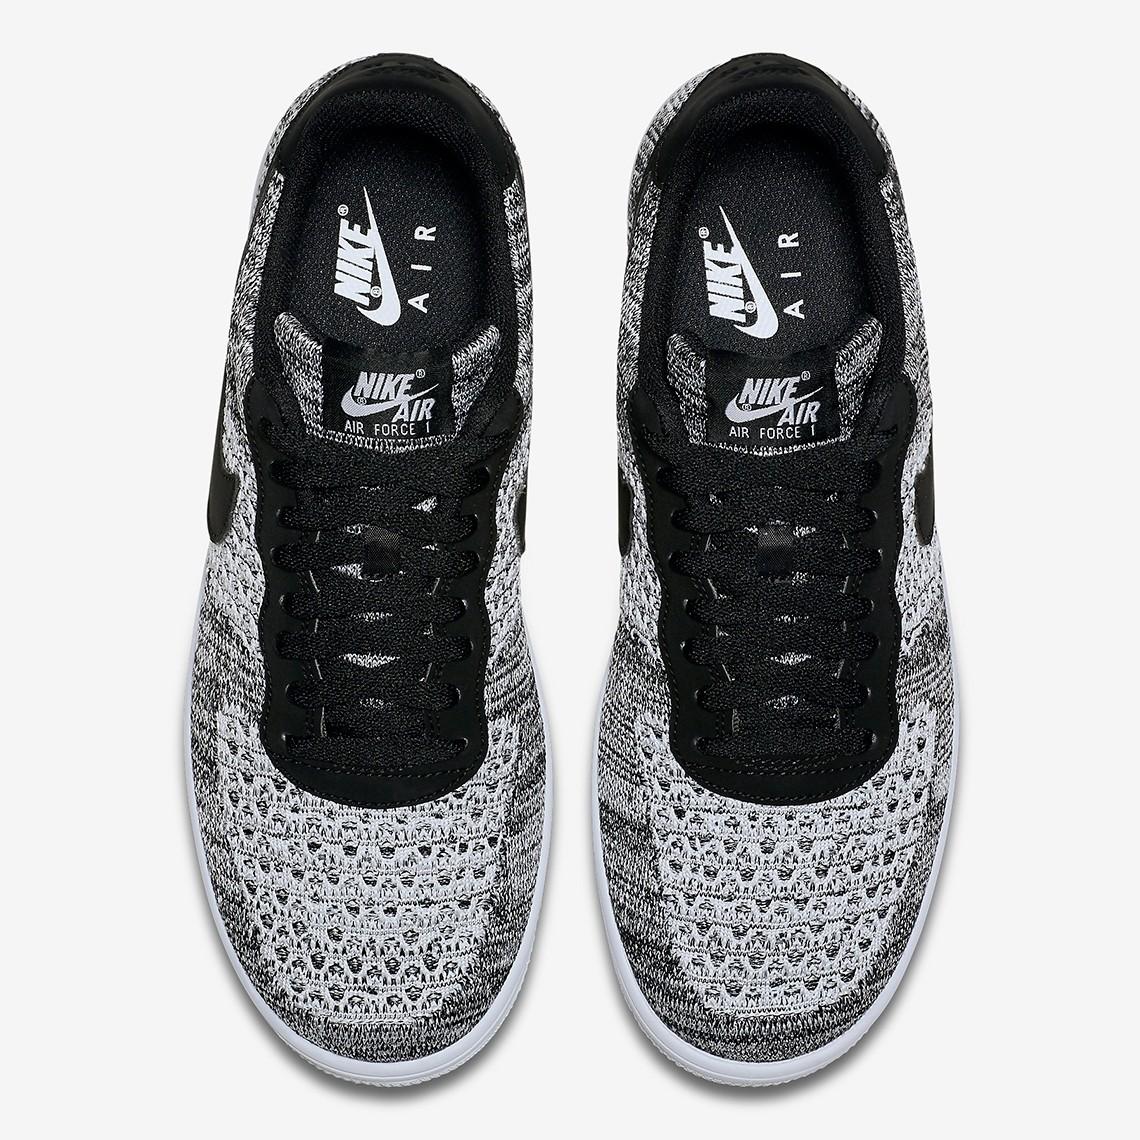 Nike Air Force 1 Flyknit 2.0 Black Pure Platinum White AV3042 001